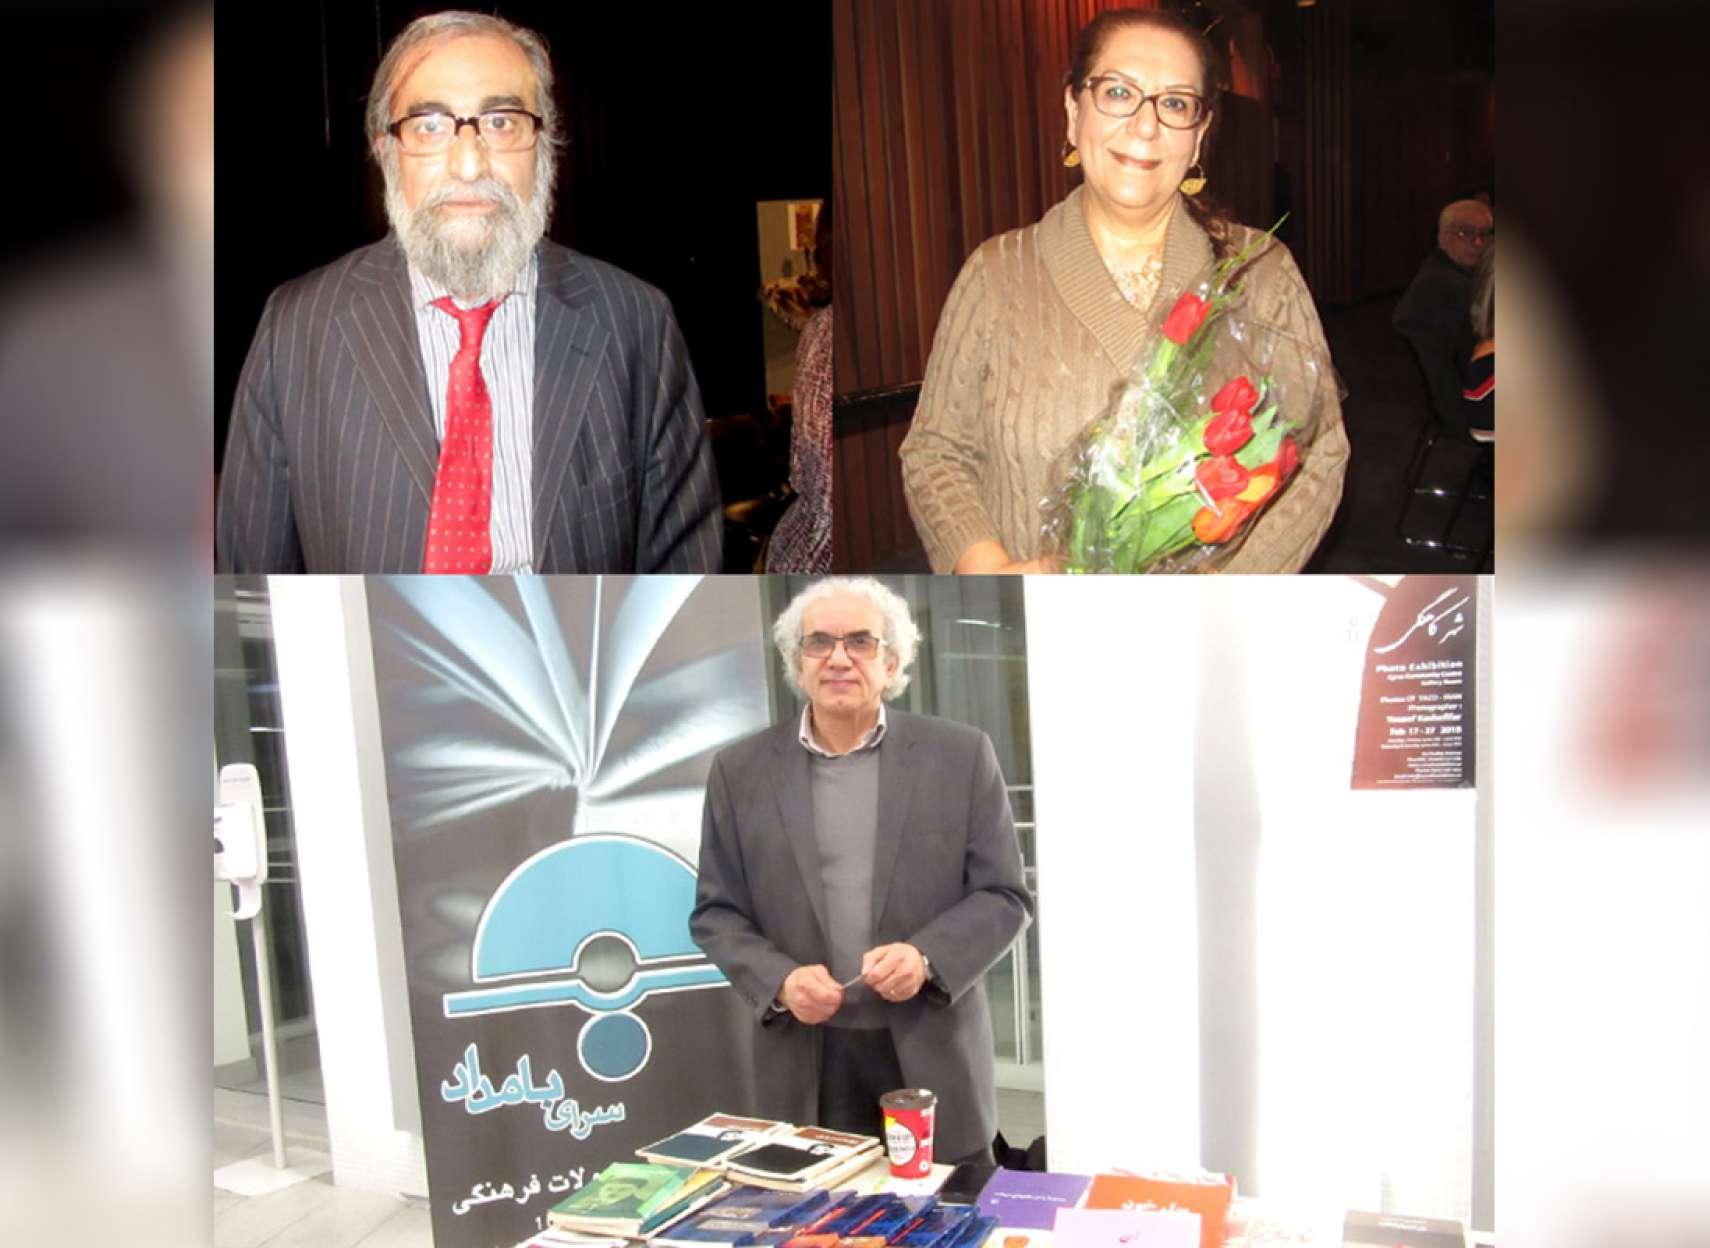 culture-litrature-golmohammadi-valentin-irani